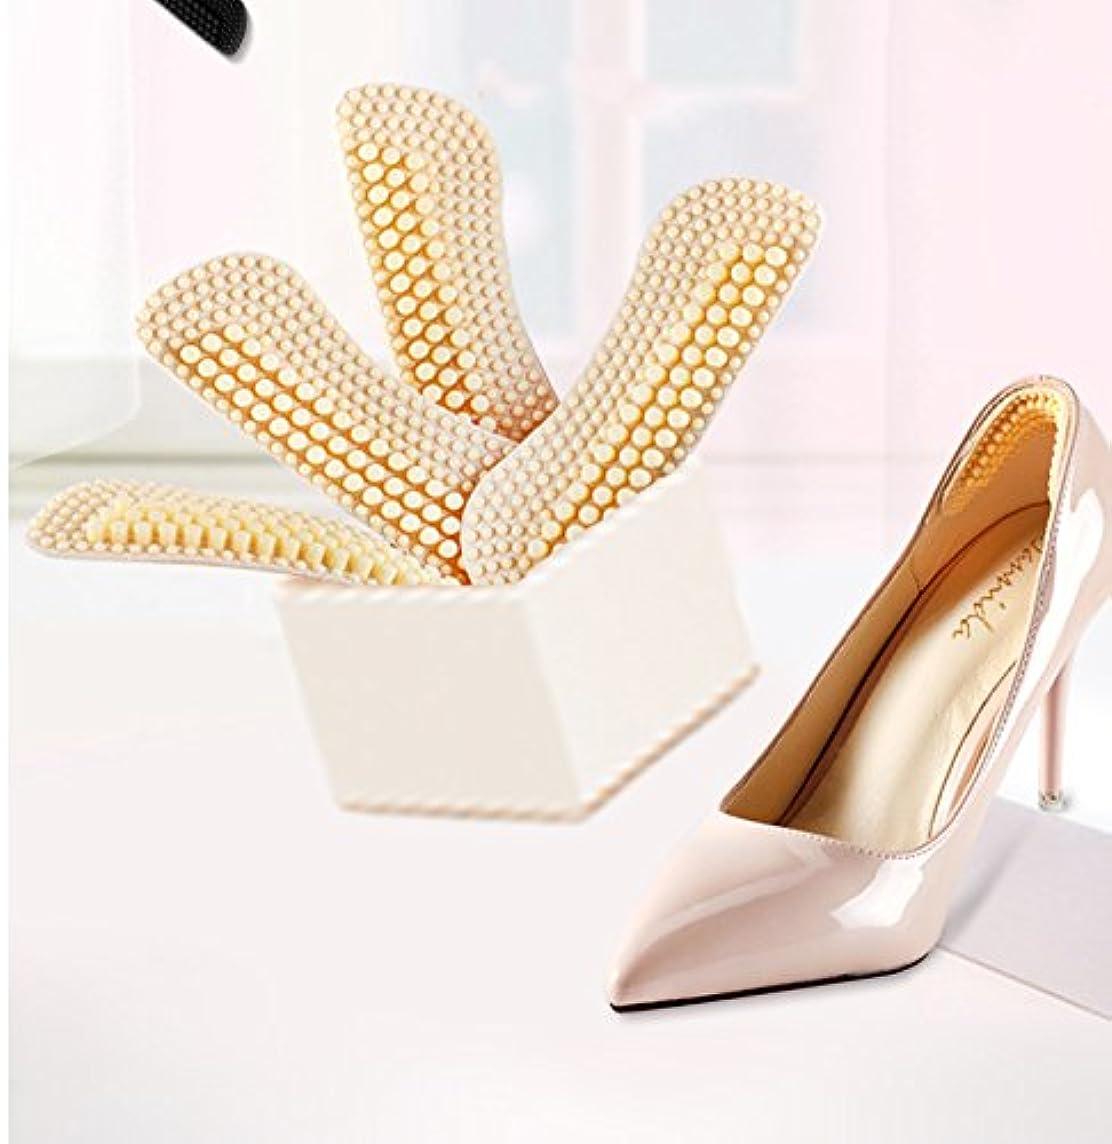 赤字パドルラベIKRR 靴擦れ防止パッド かかと滑り止め かかと調整パッド 4D かかとクッション 痛み軽減 パカパカ防止 滑り止め 靴のサイズ調整(2足セット4枚) シリコン 男女兼用